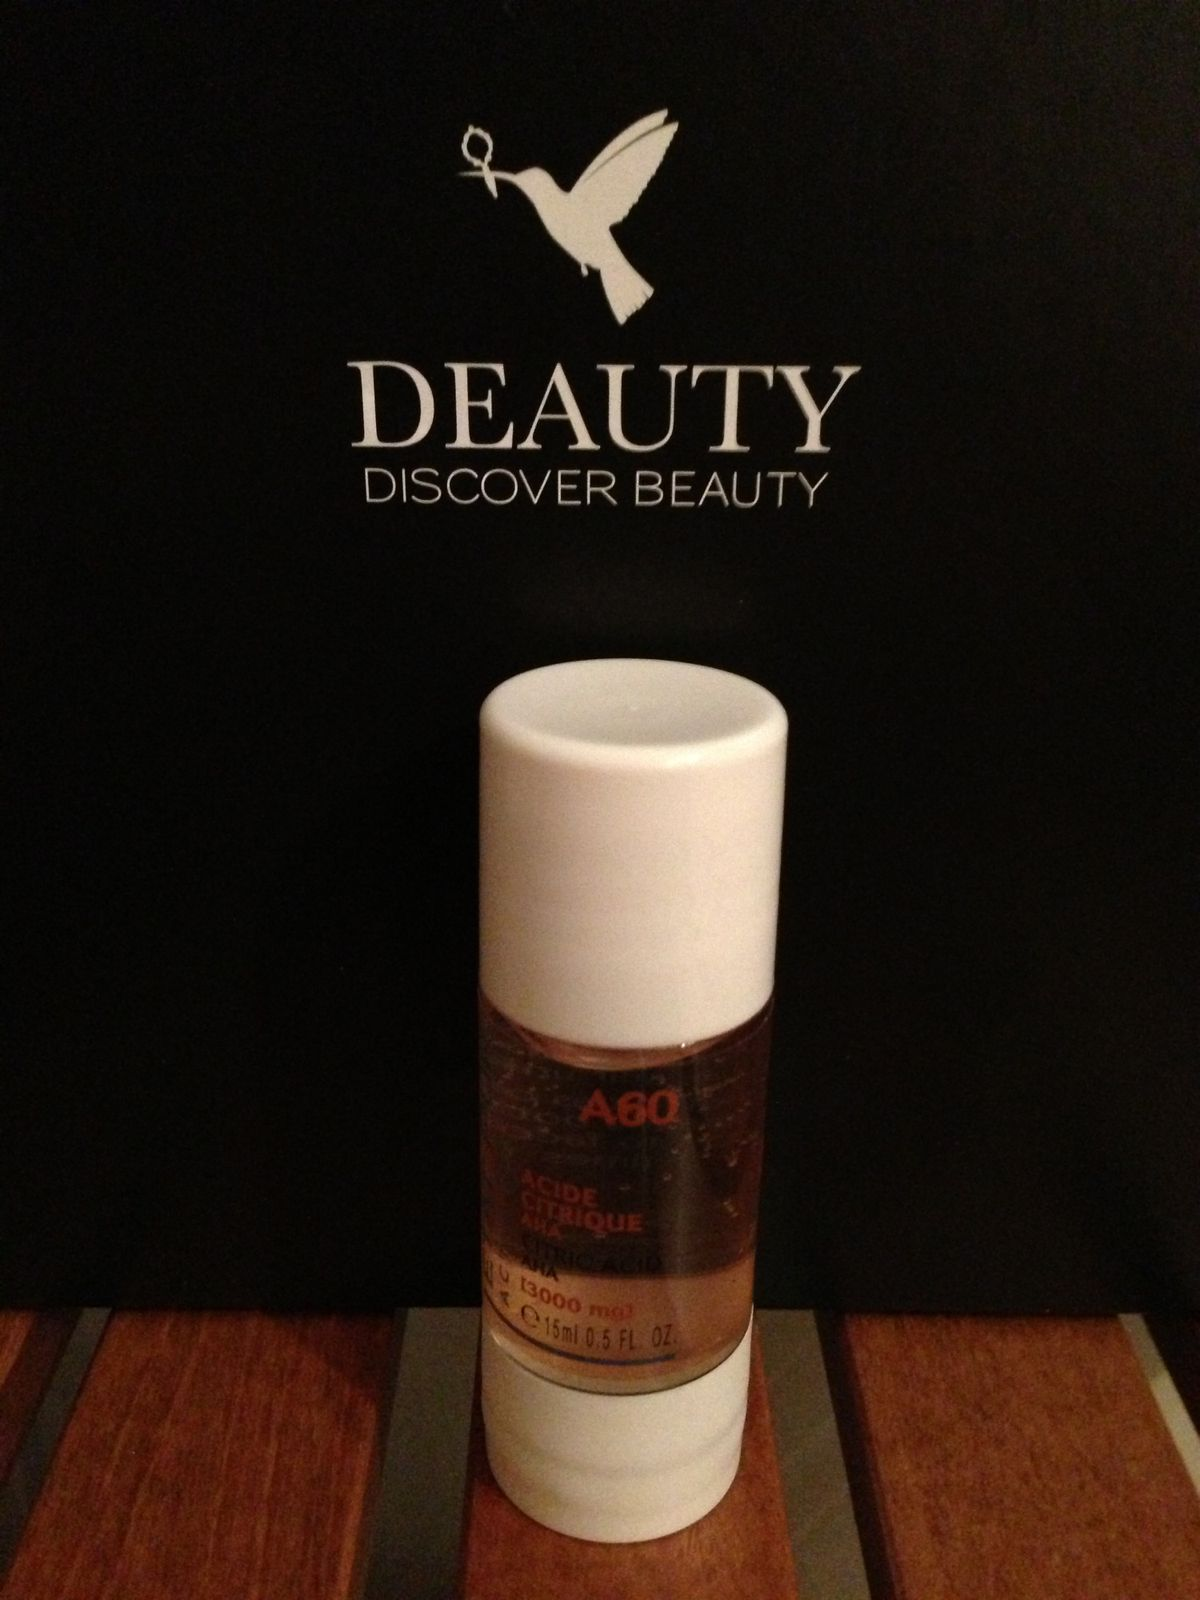 Ma Deauty Box Décembre 2012